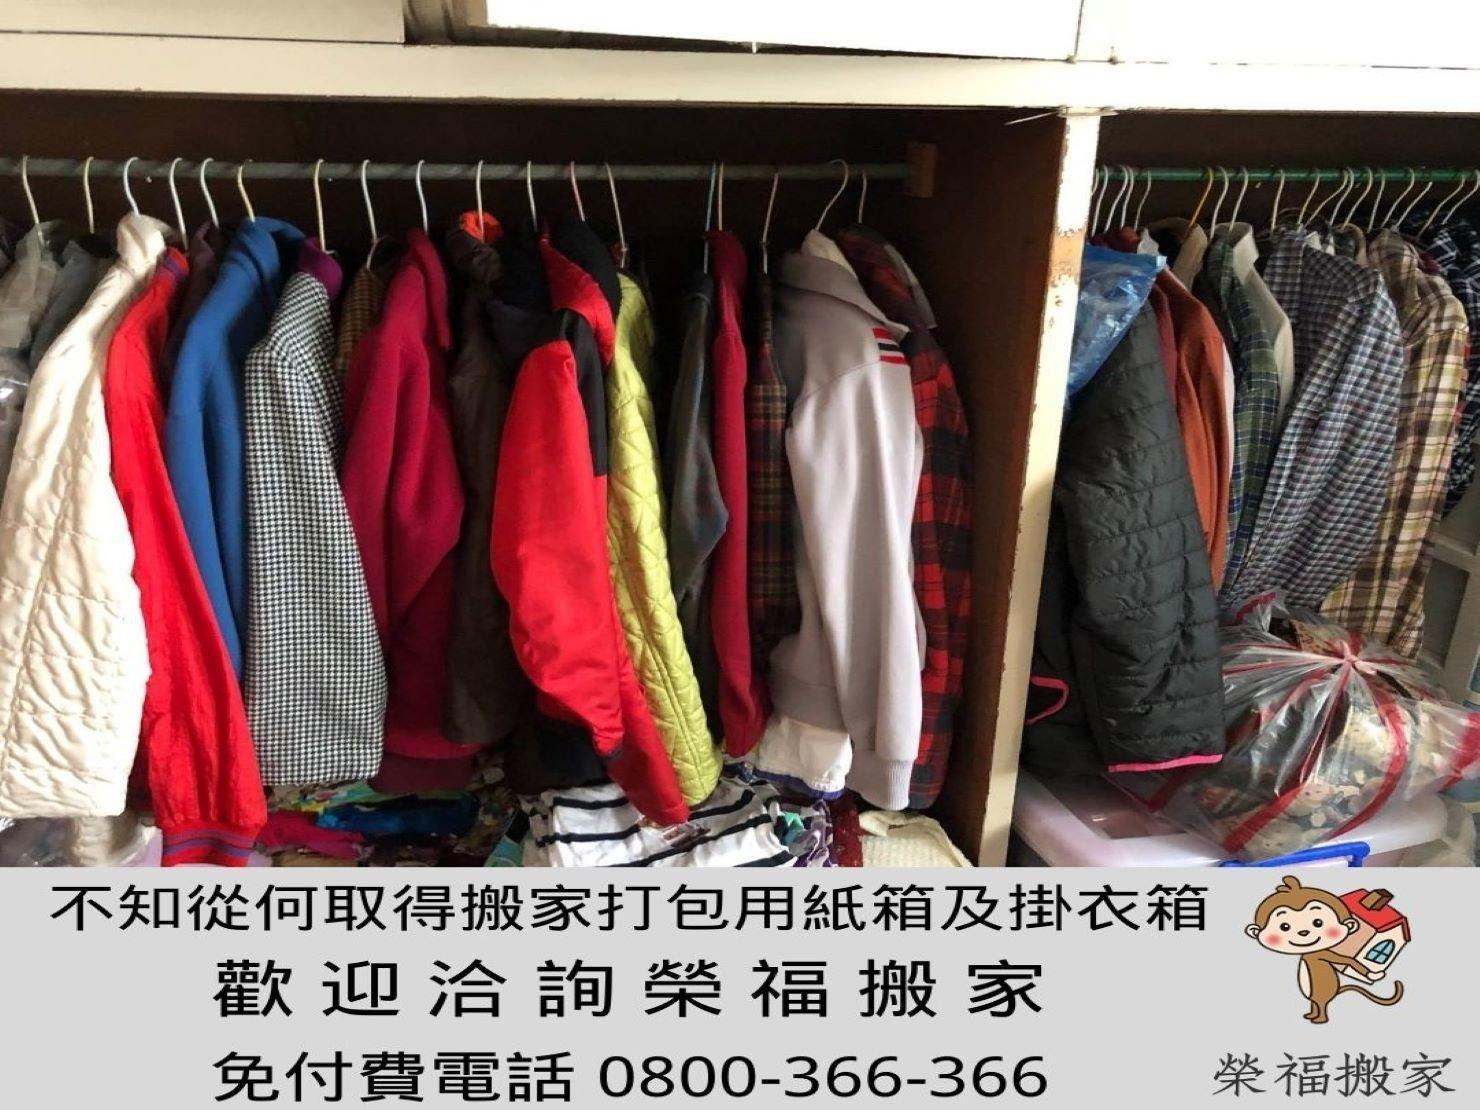 【搬家公司經驗談】趁搬家時實施「斷、捨、離」-讓您搬家整理打包衣物輕鬆又省事!